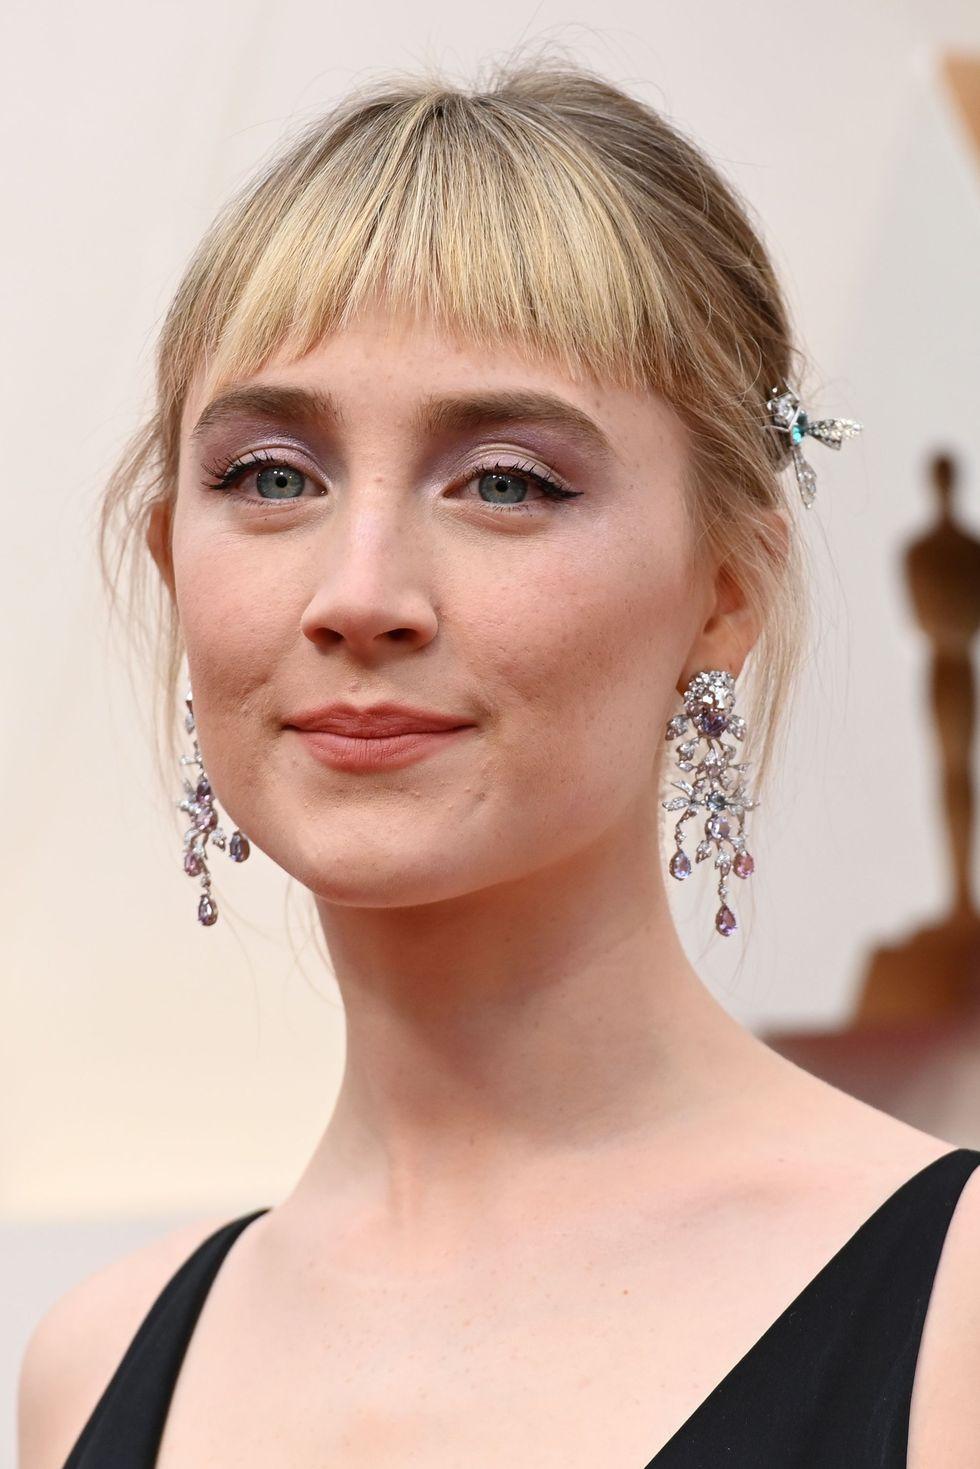 Saoirse Ronan đẹp mọi góc nhìn. Mái tóc nhuộm vàng tươi tắn cho đến kẹp tóc hình bướm, phần mắt ánh tím tạo nên tổng thể khuôn mặt hài hòa.